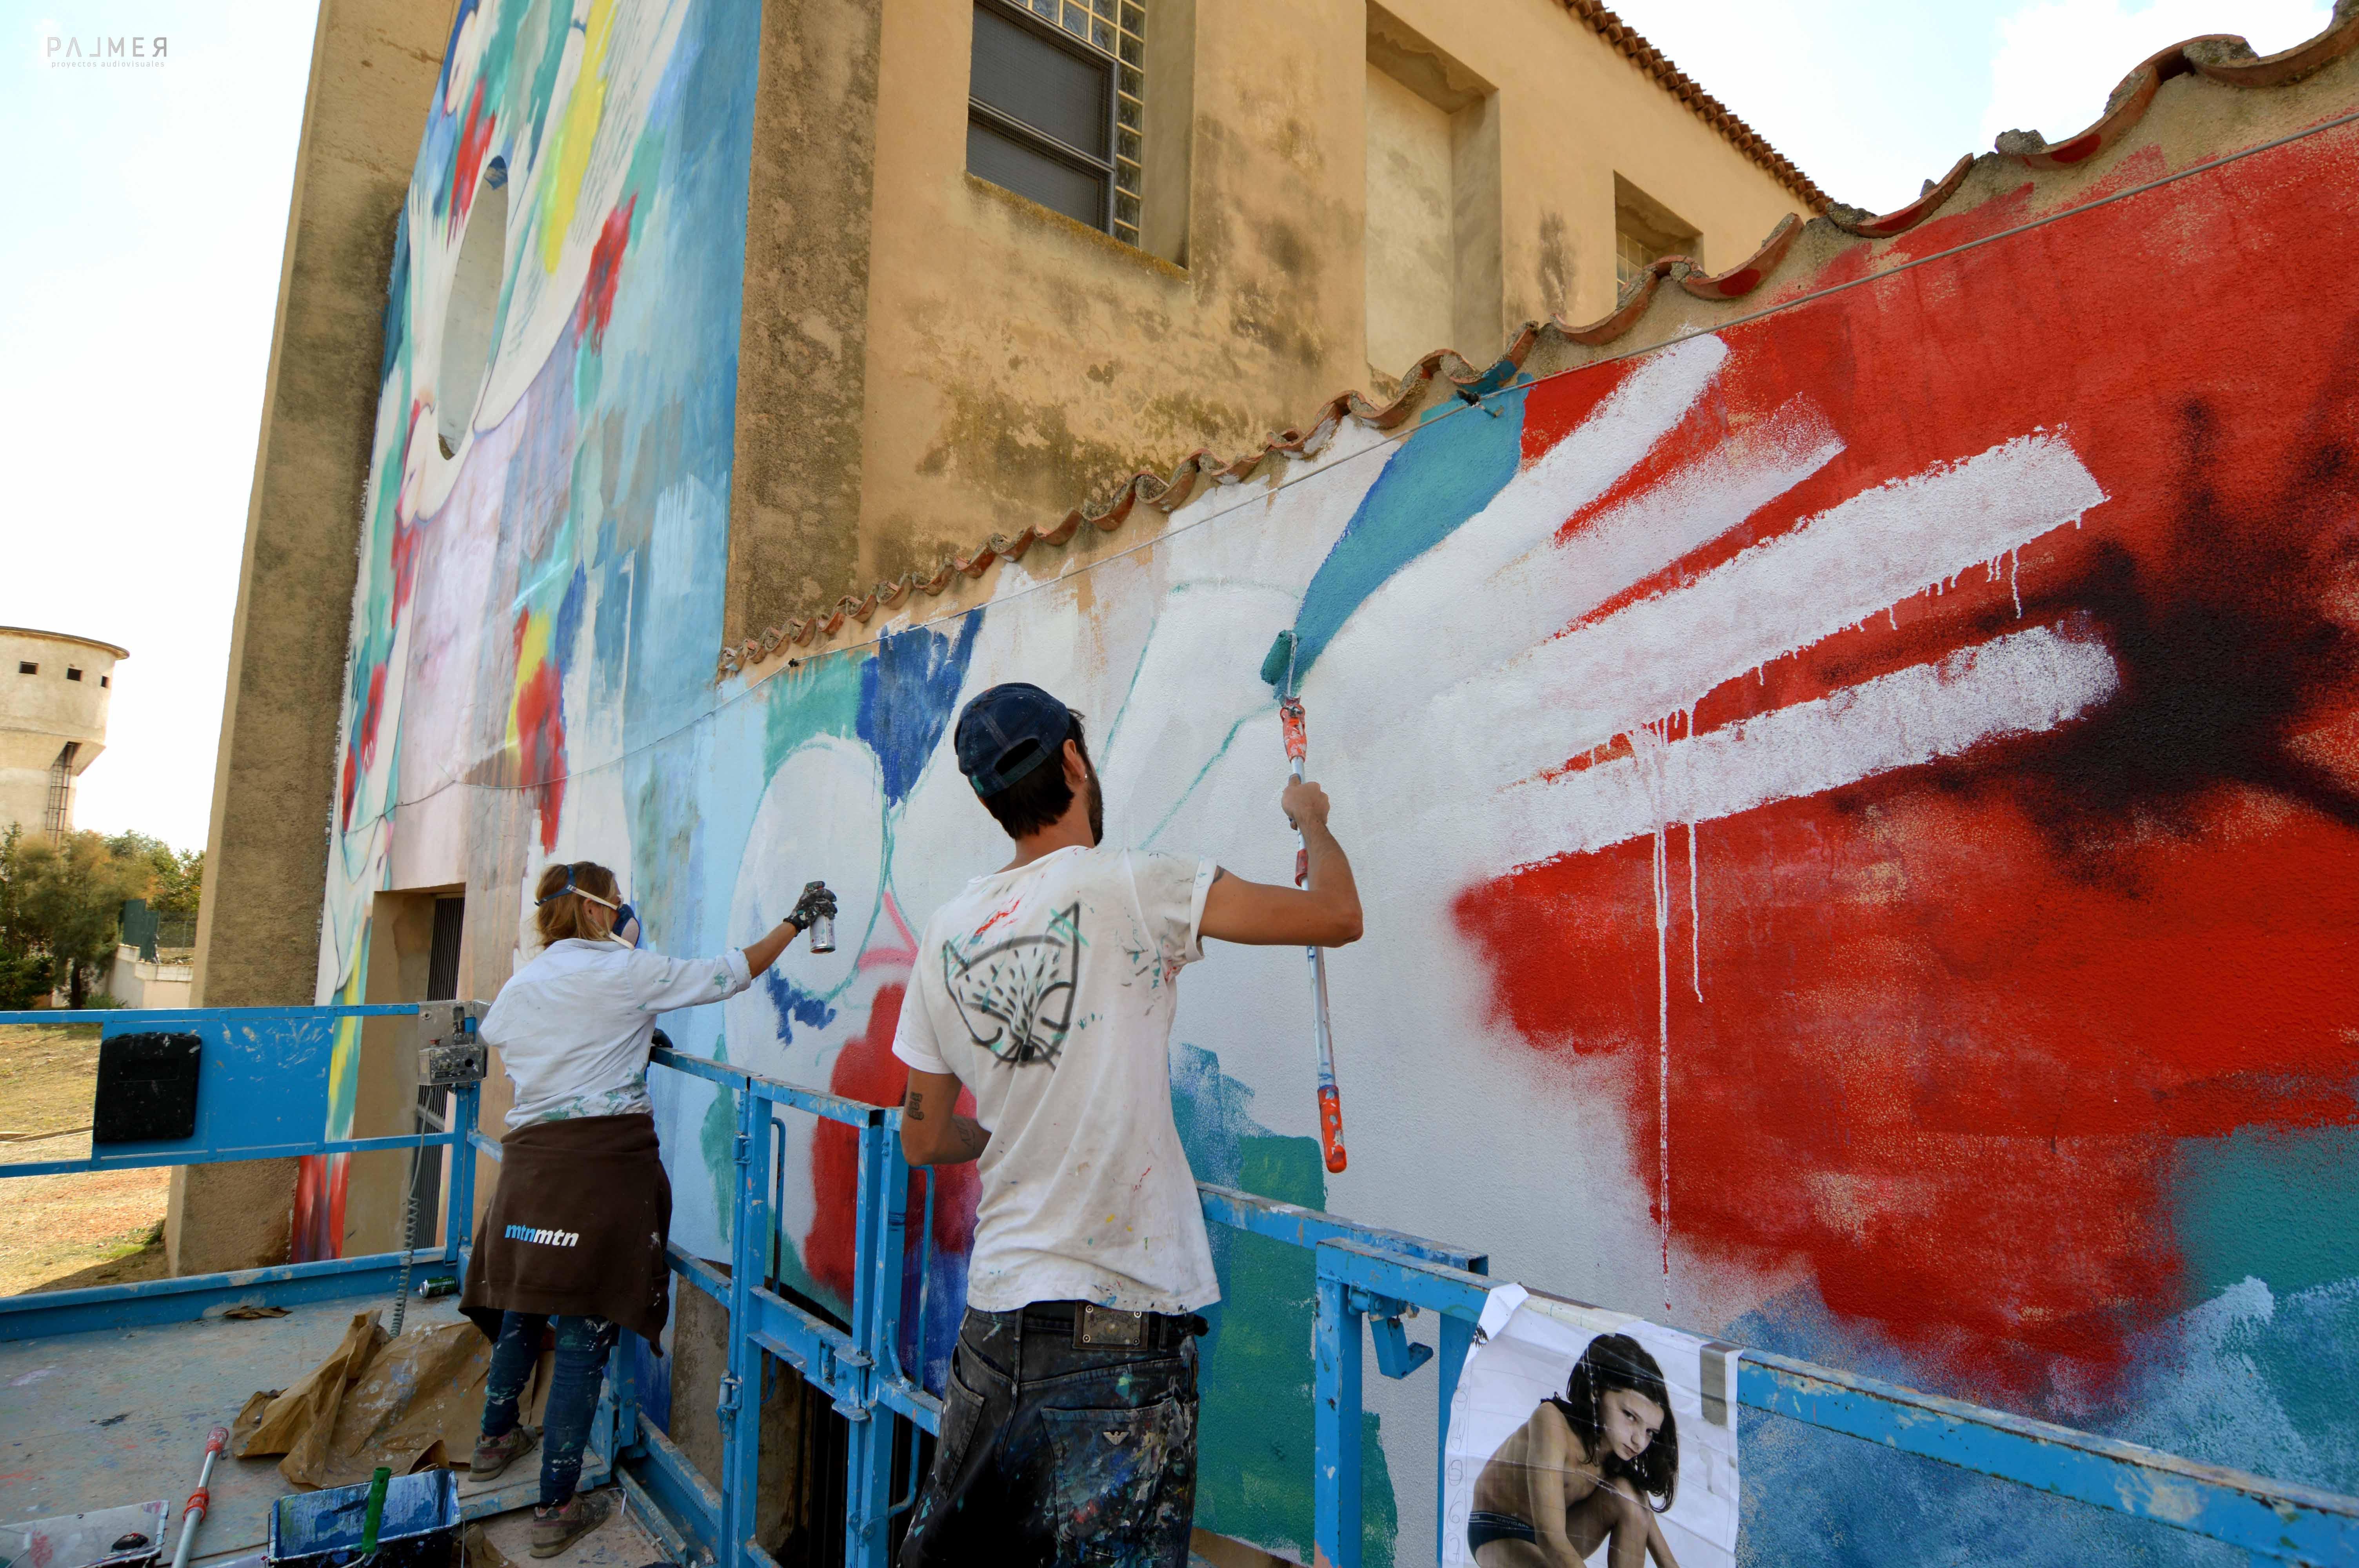 Ego, il nuovo murale di Bifido e Julieta | Collater.al 4